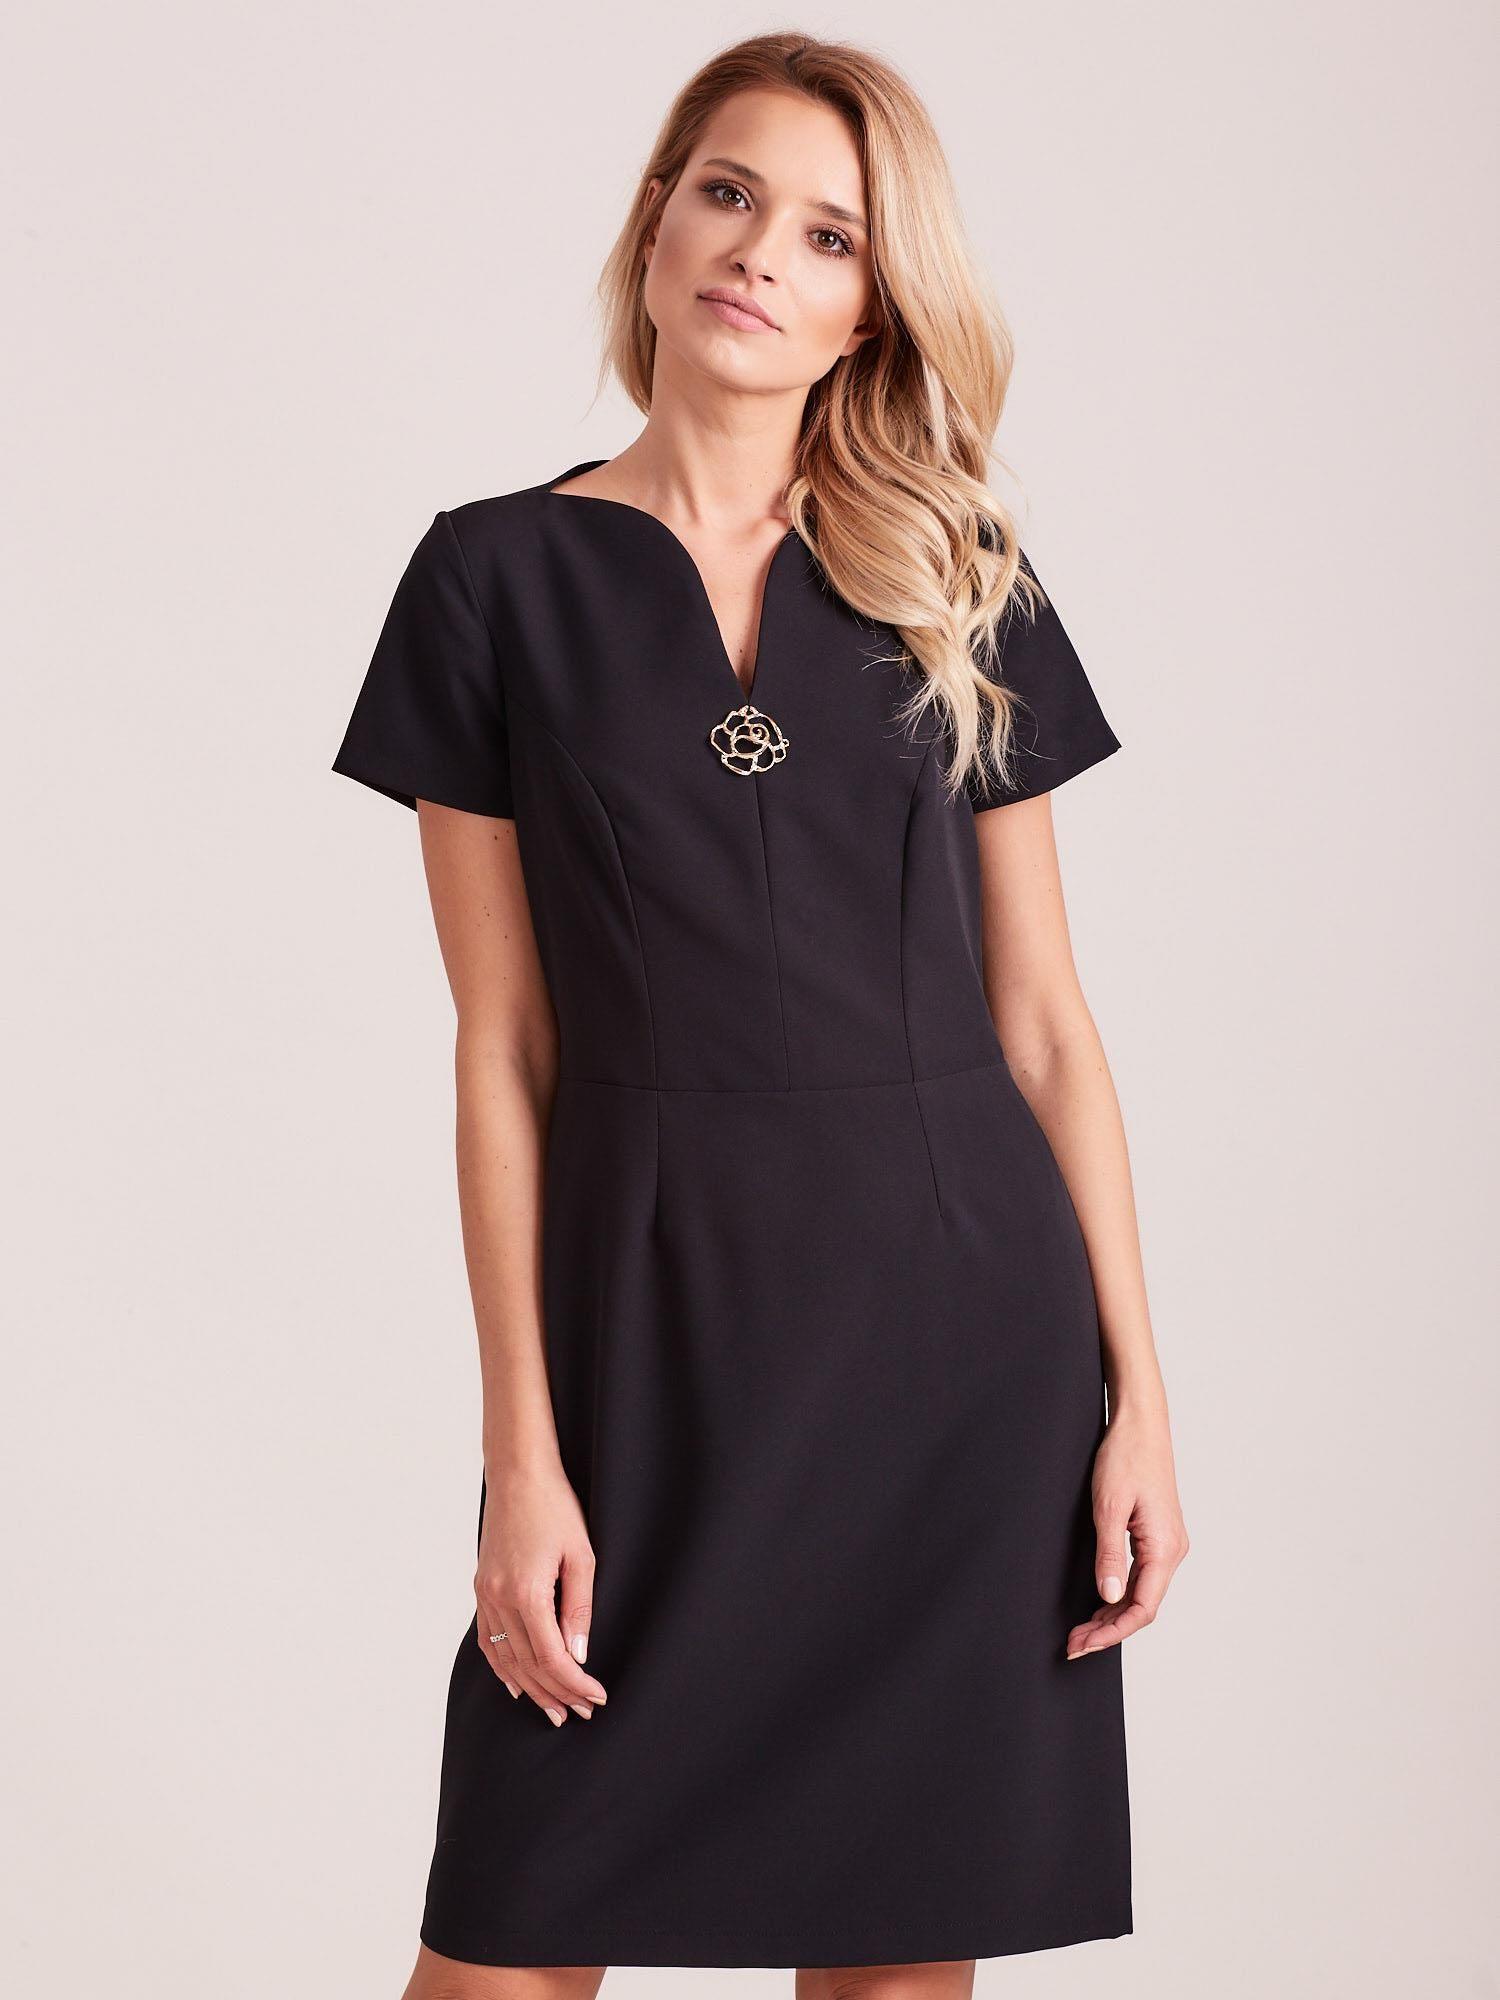 800c8f67a5 Czarna elegancka sukienka - Sukienka koktajlowa - sklep eButik.pl